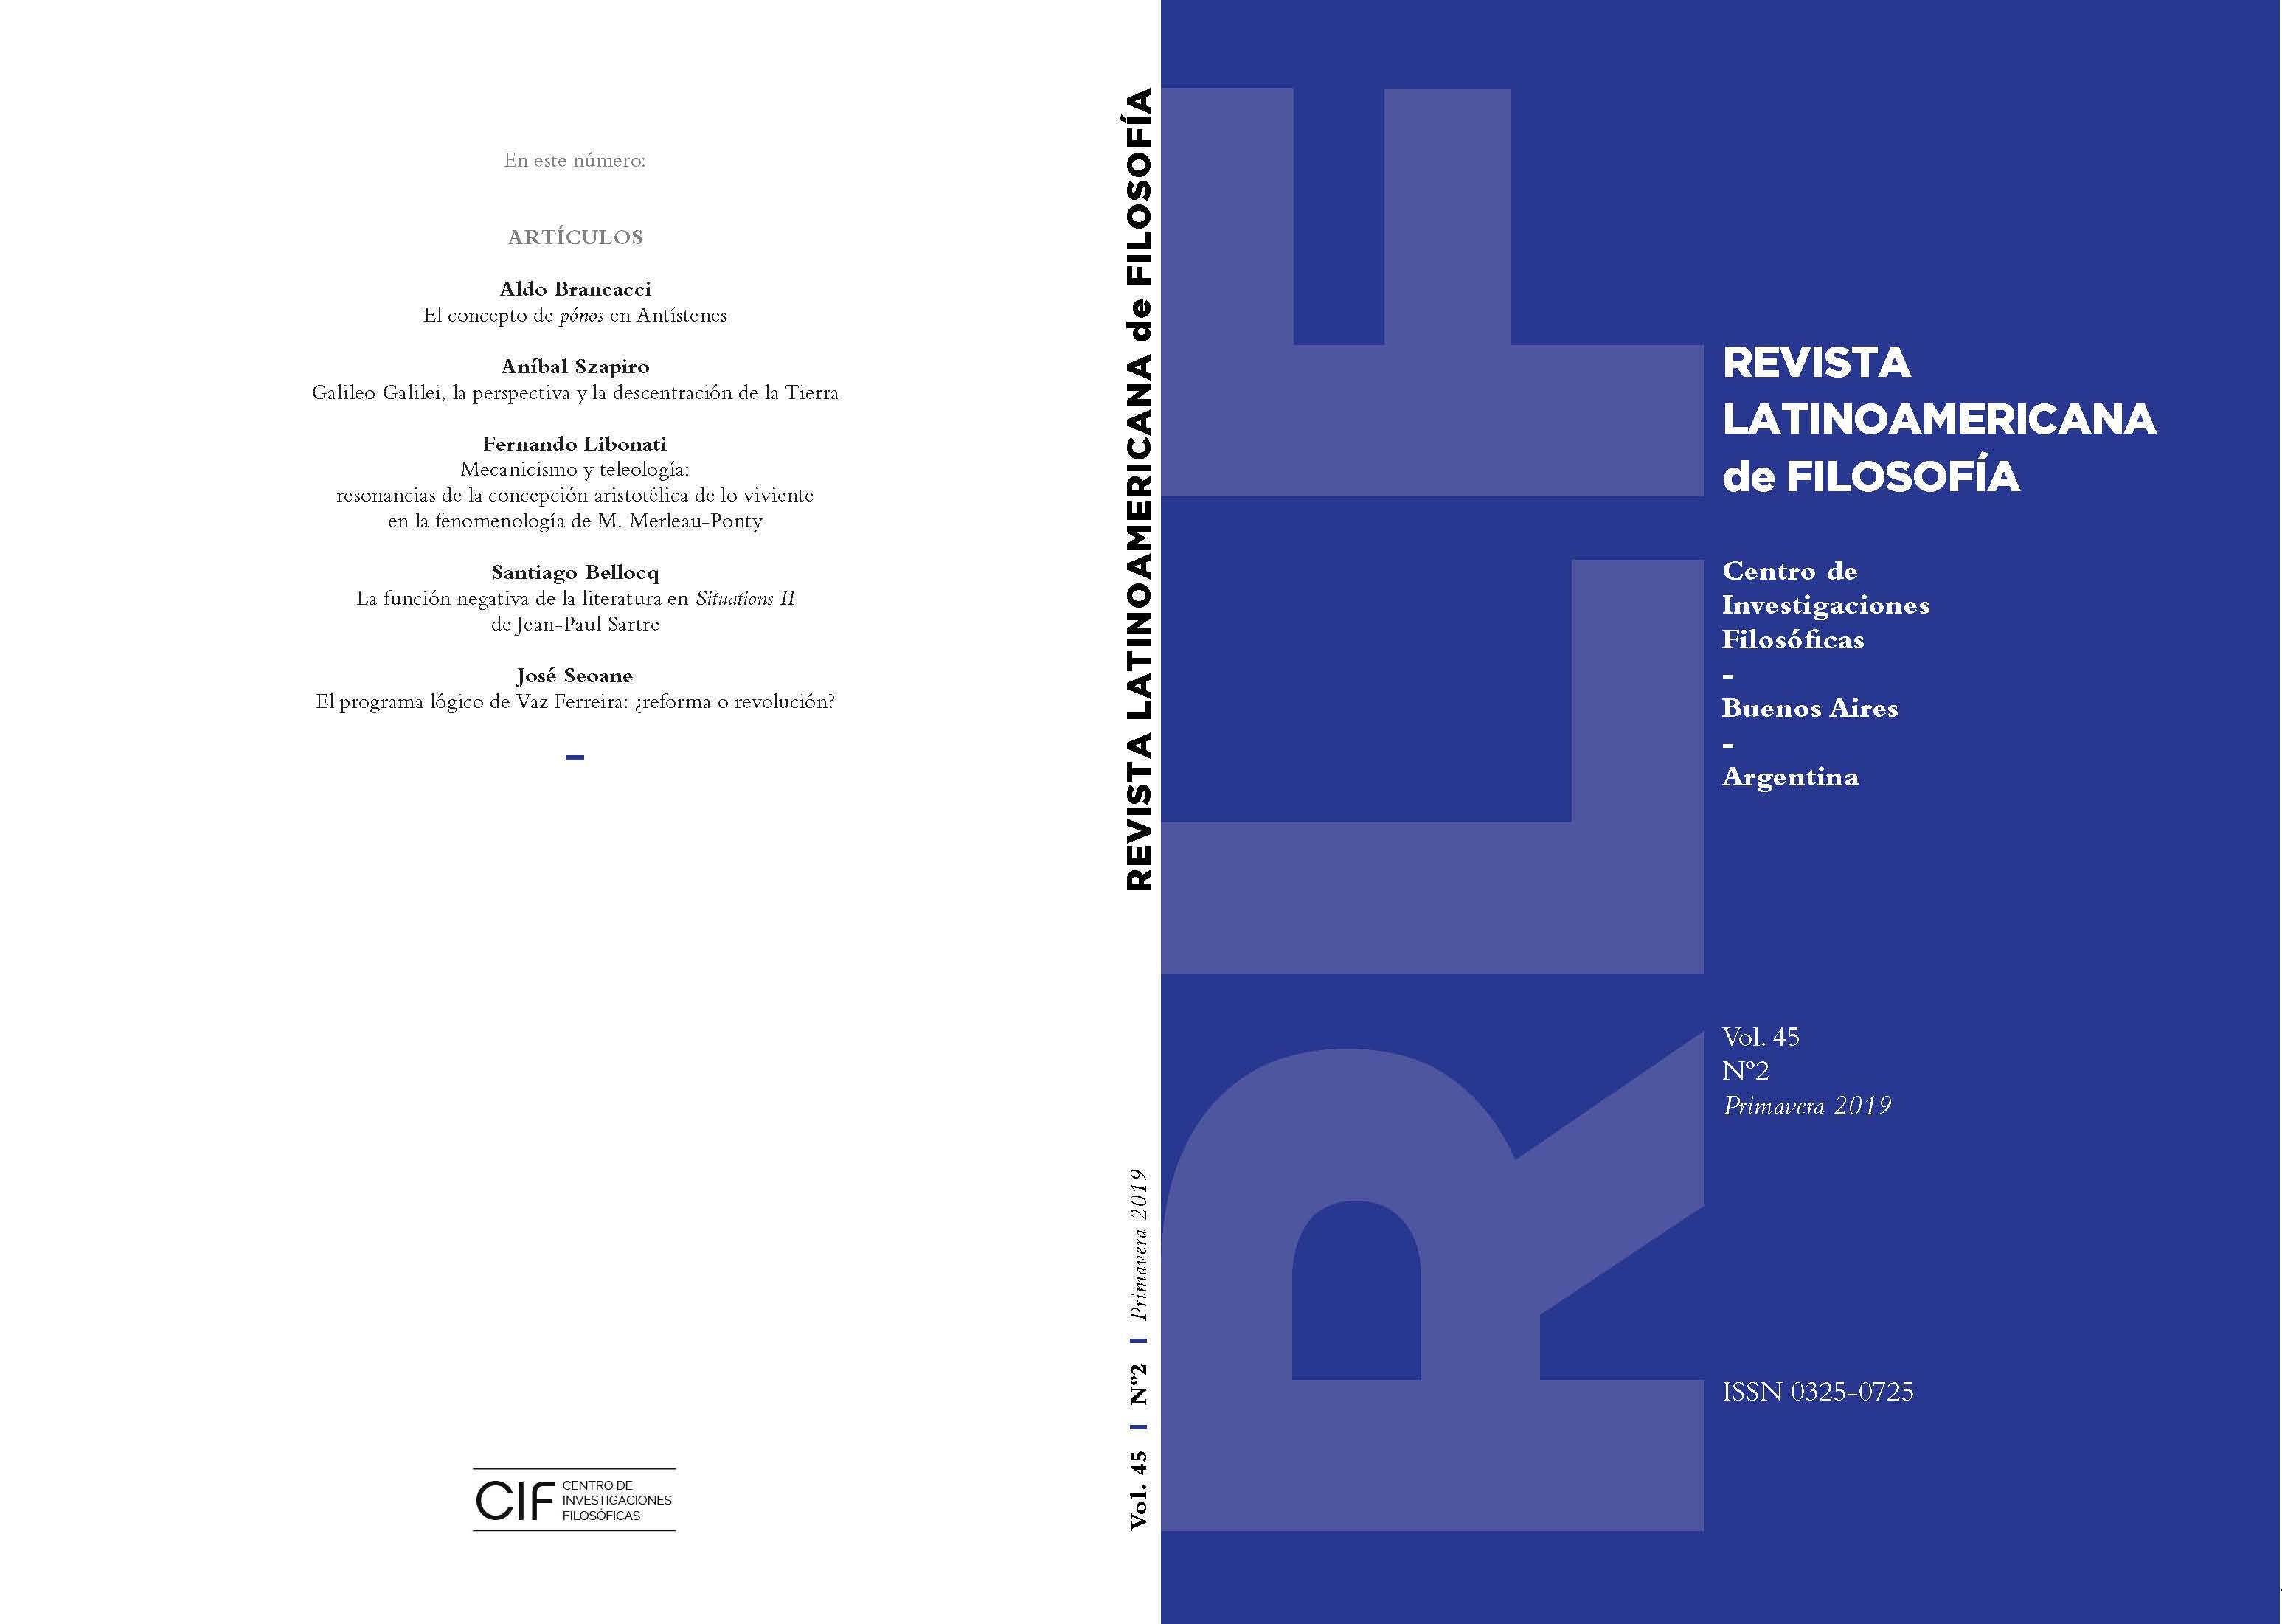 Ver Vol. 45 Núm. 2 (2019)